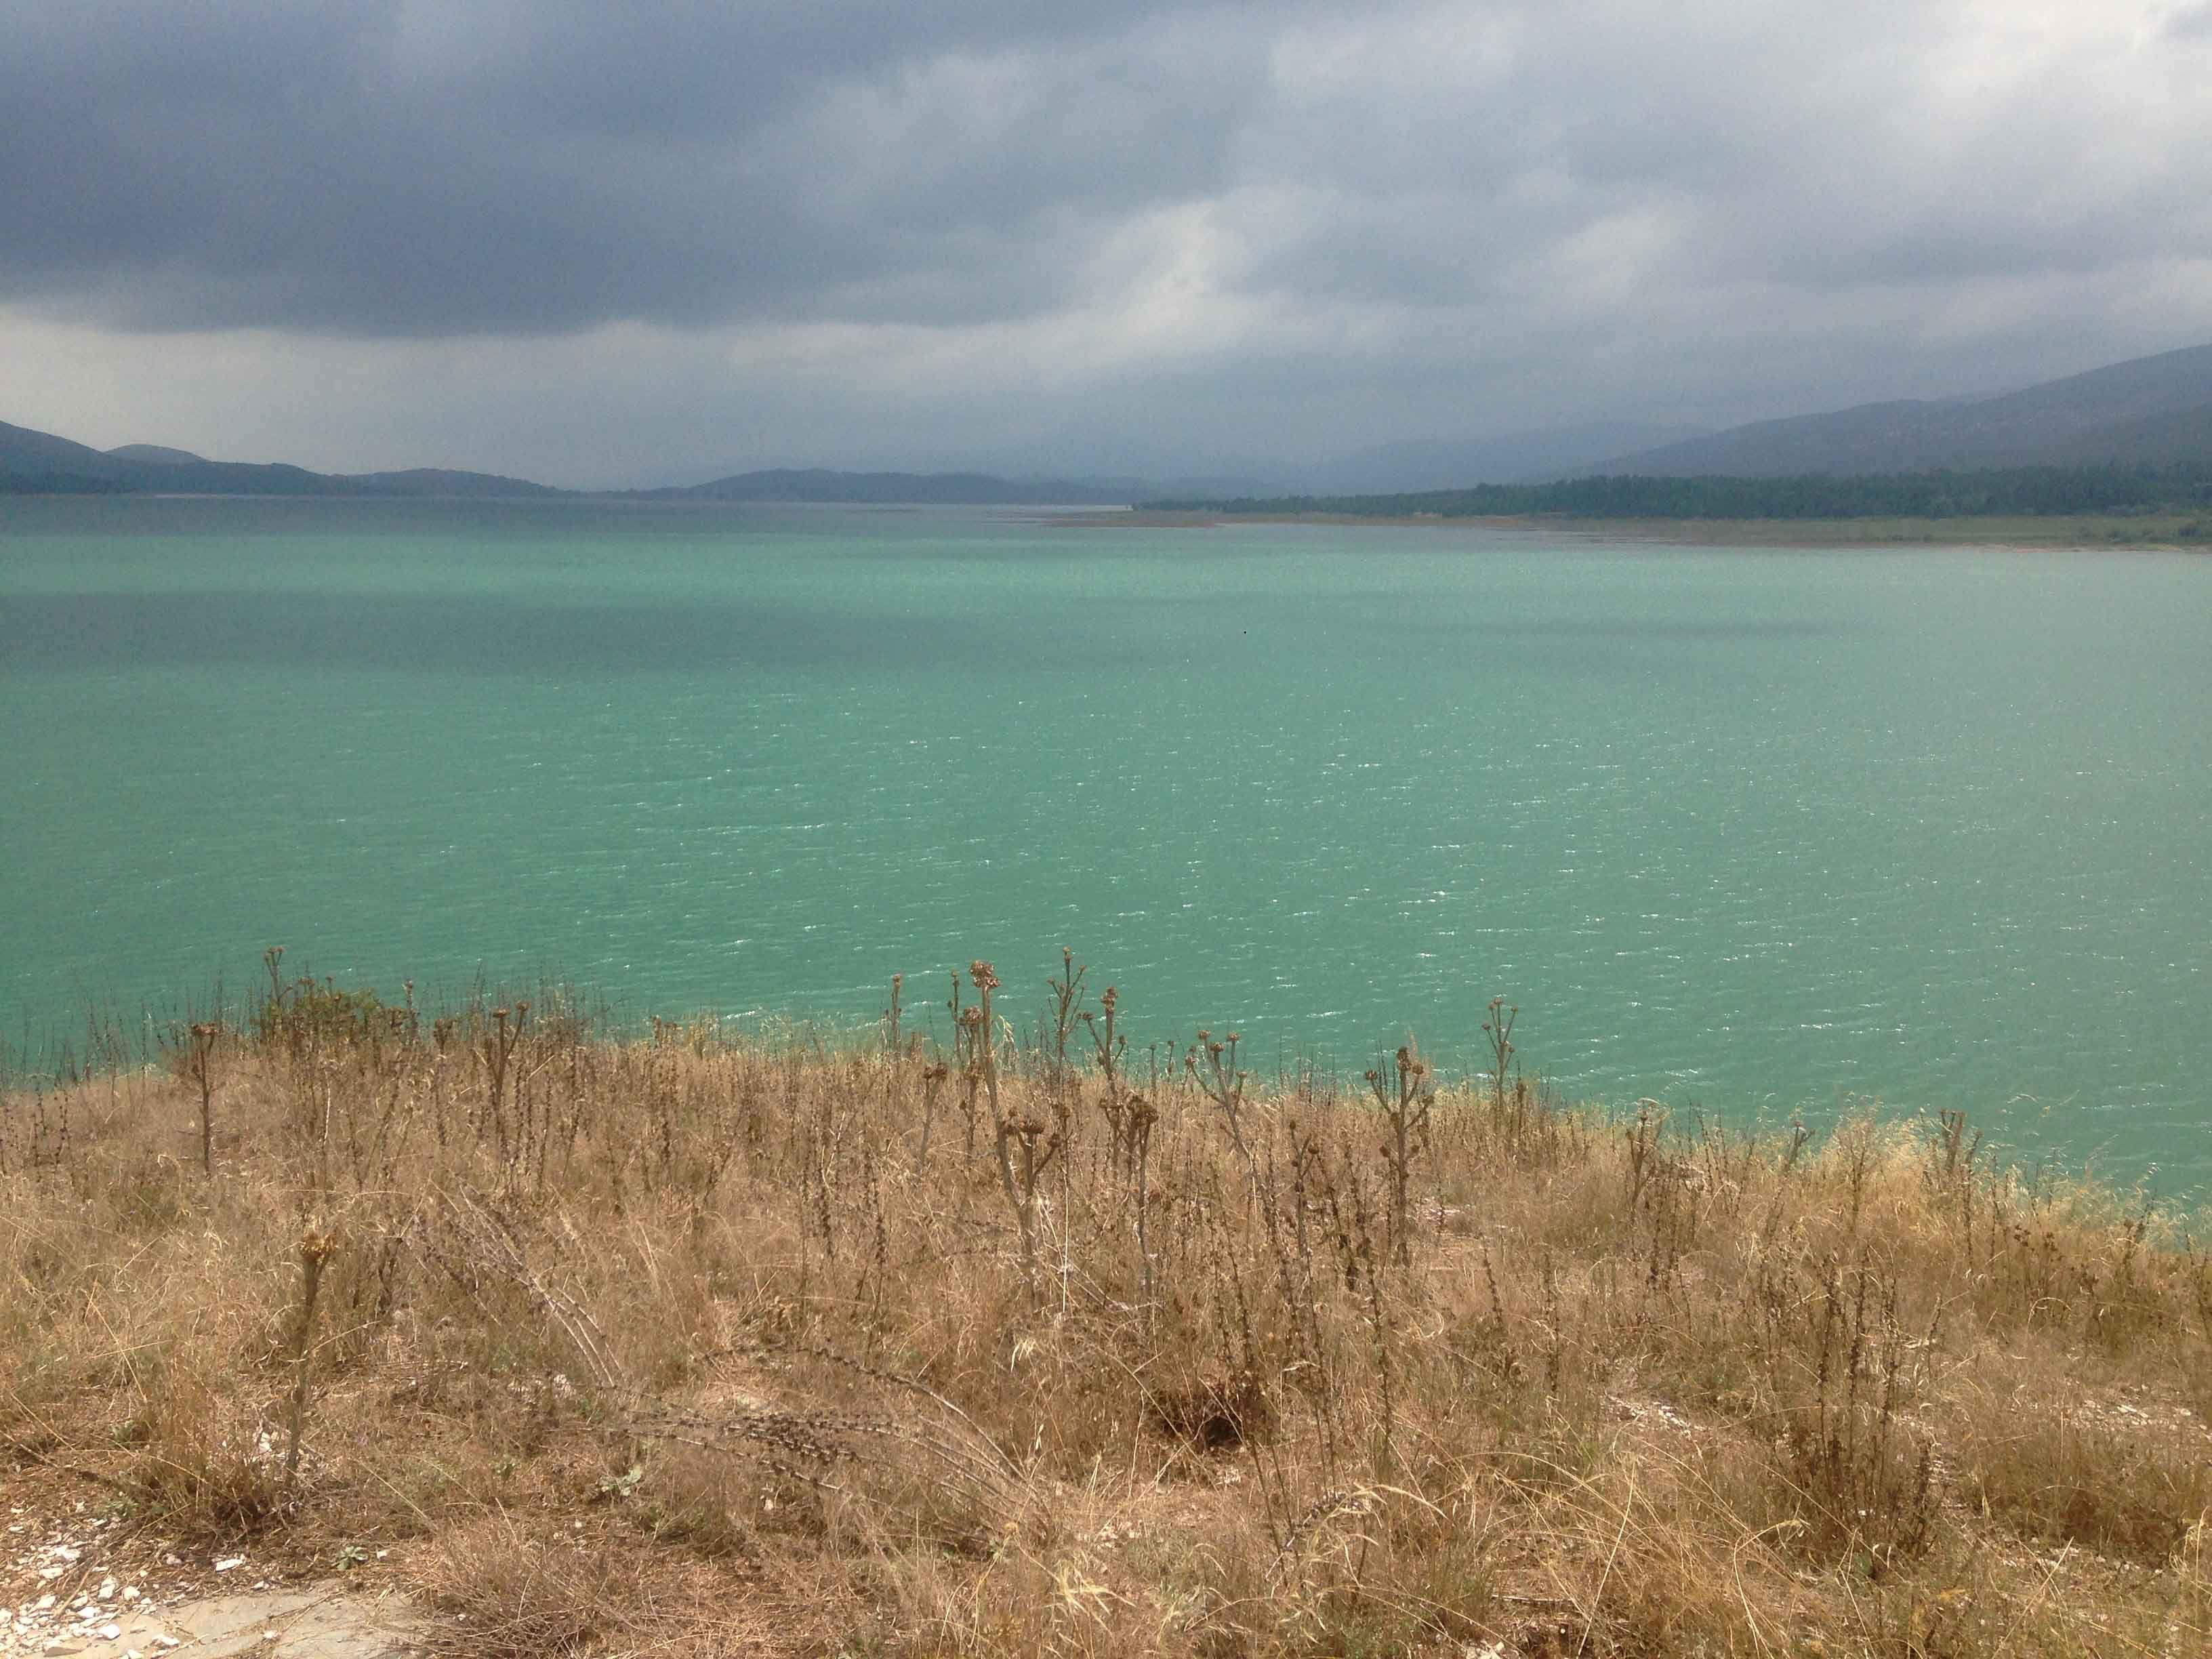 Lake. Greece. Tatiana Lagaeva